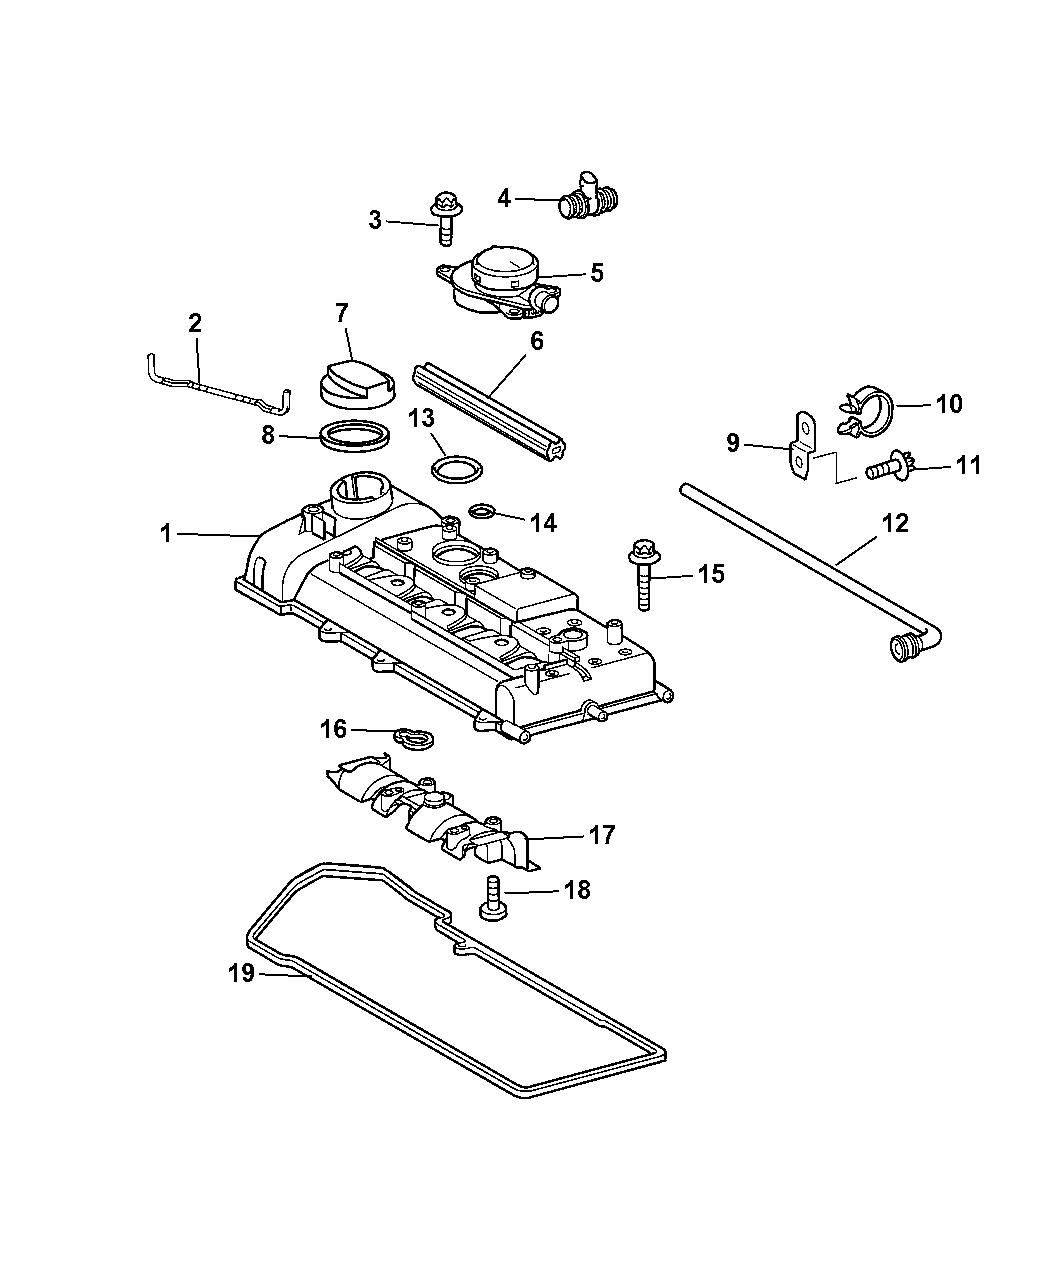 pt cruiser engine diagram front end